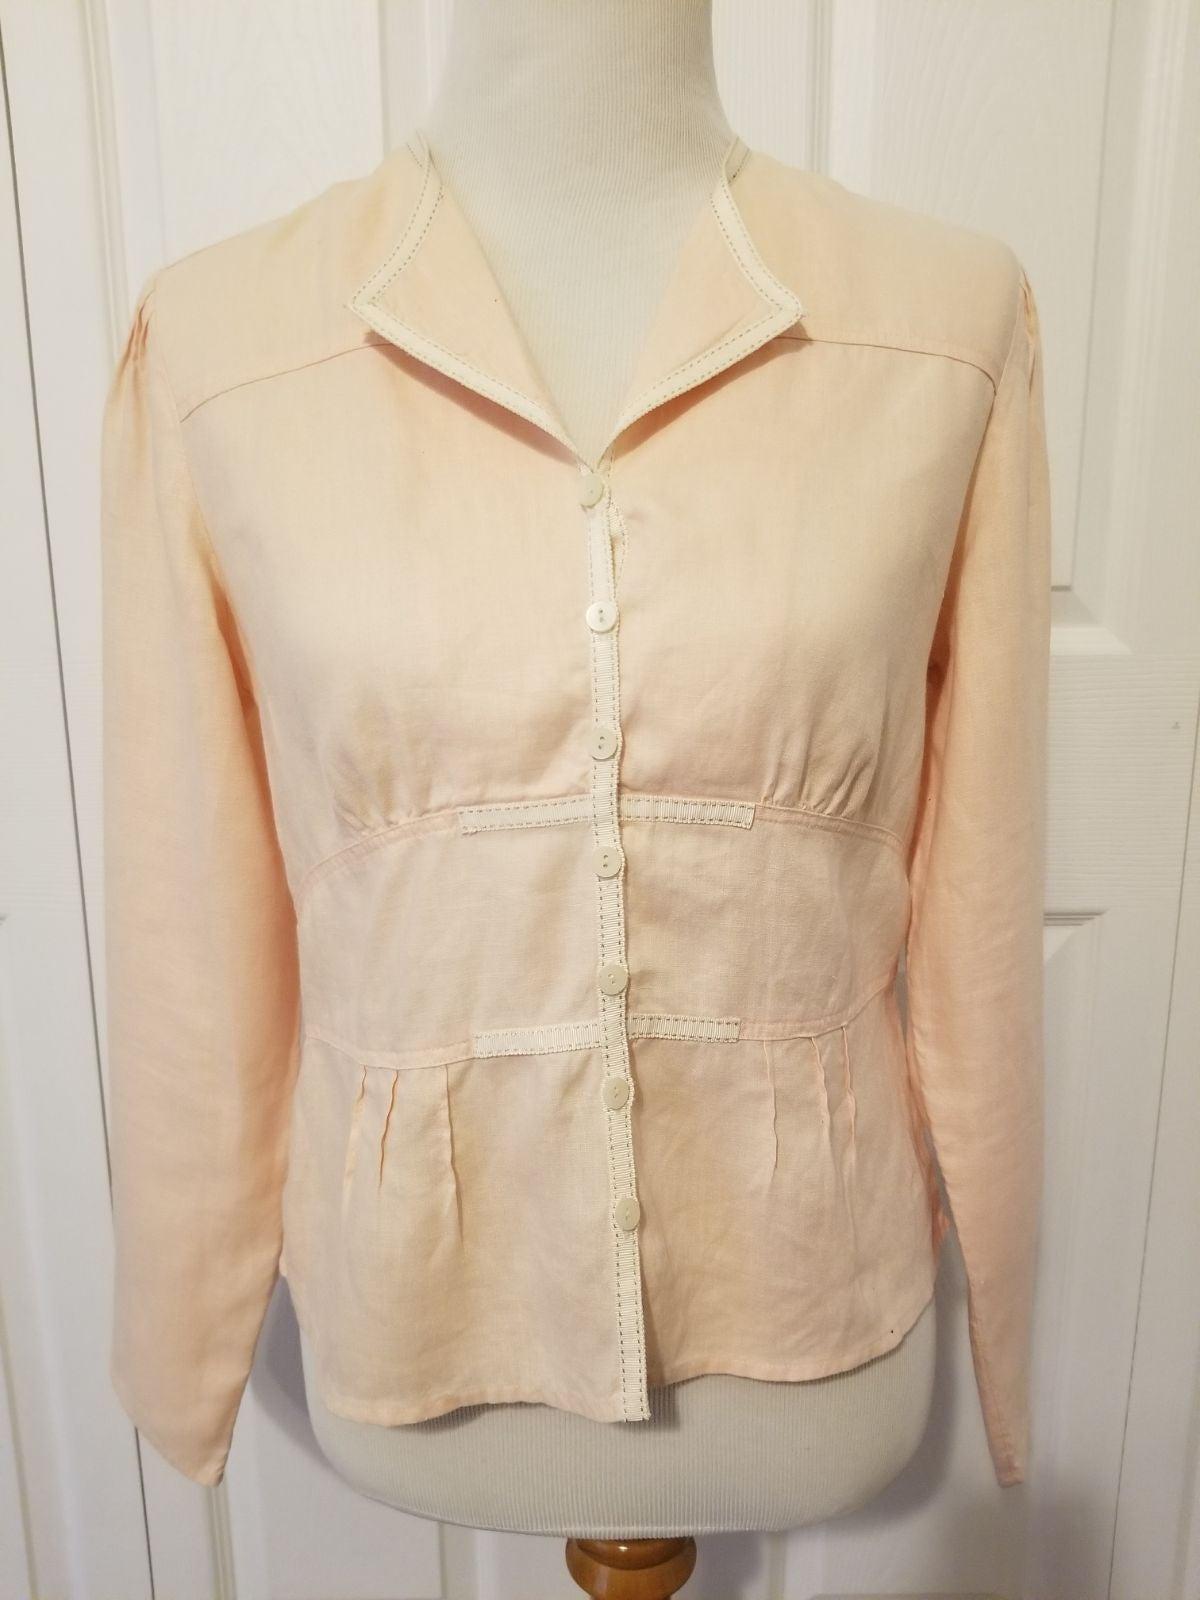 J.Jill peach linen blouse - size 4